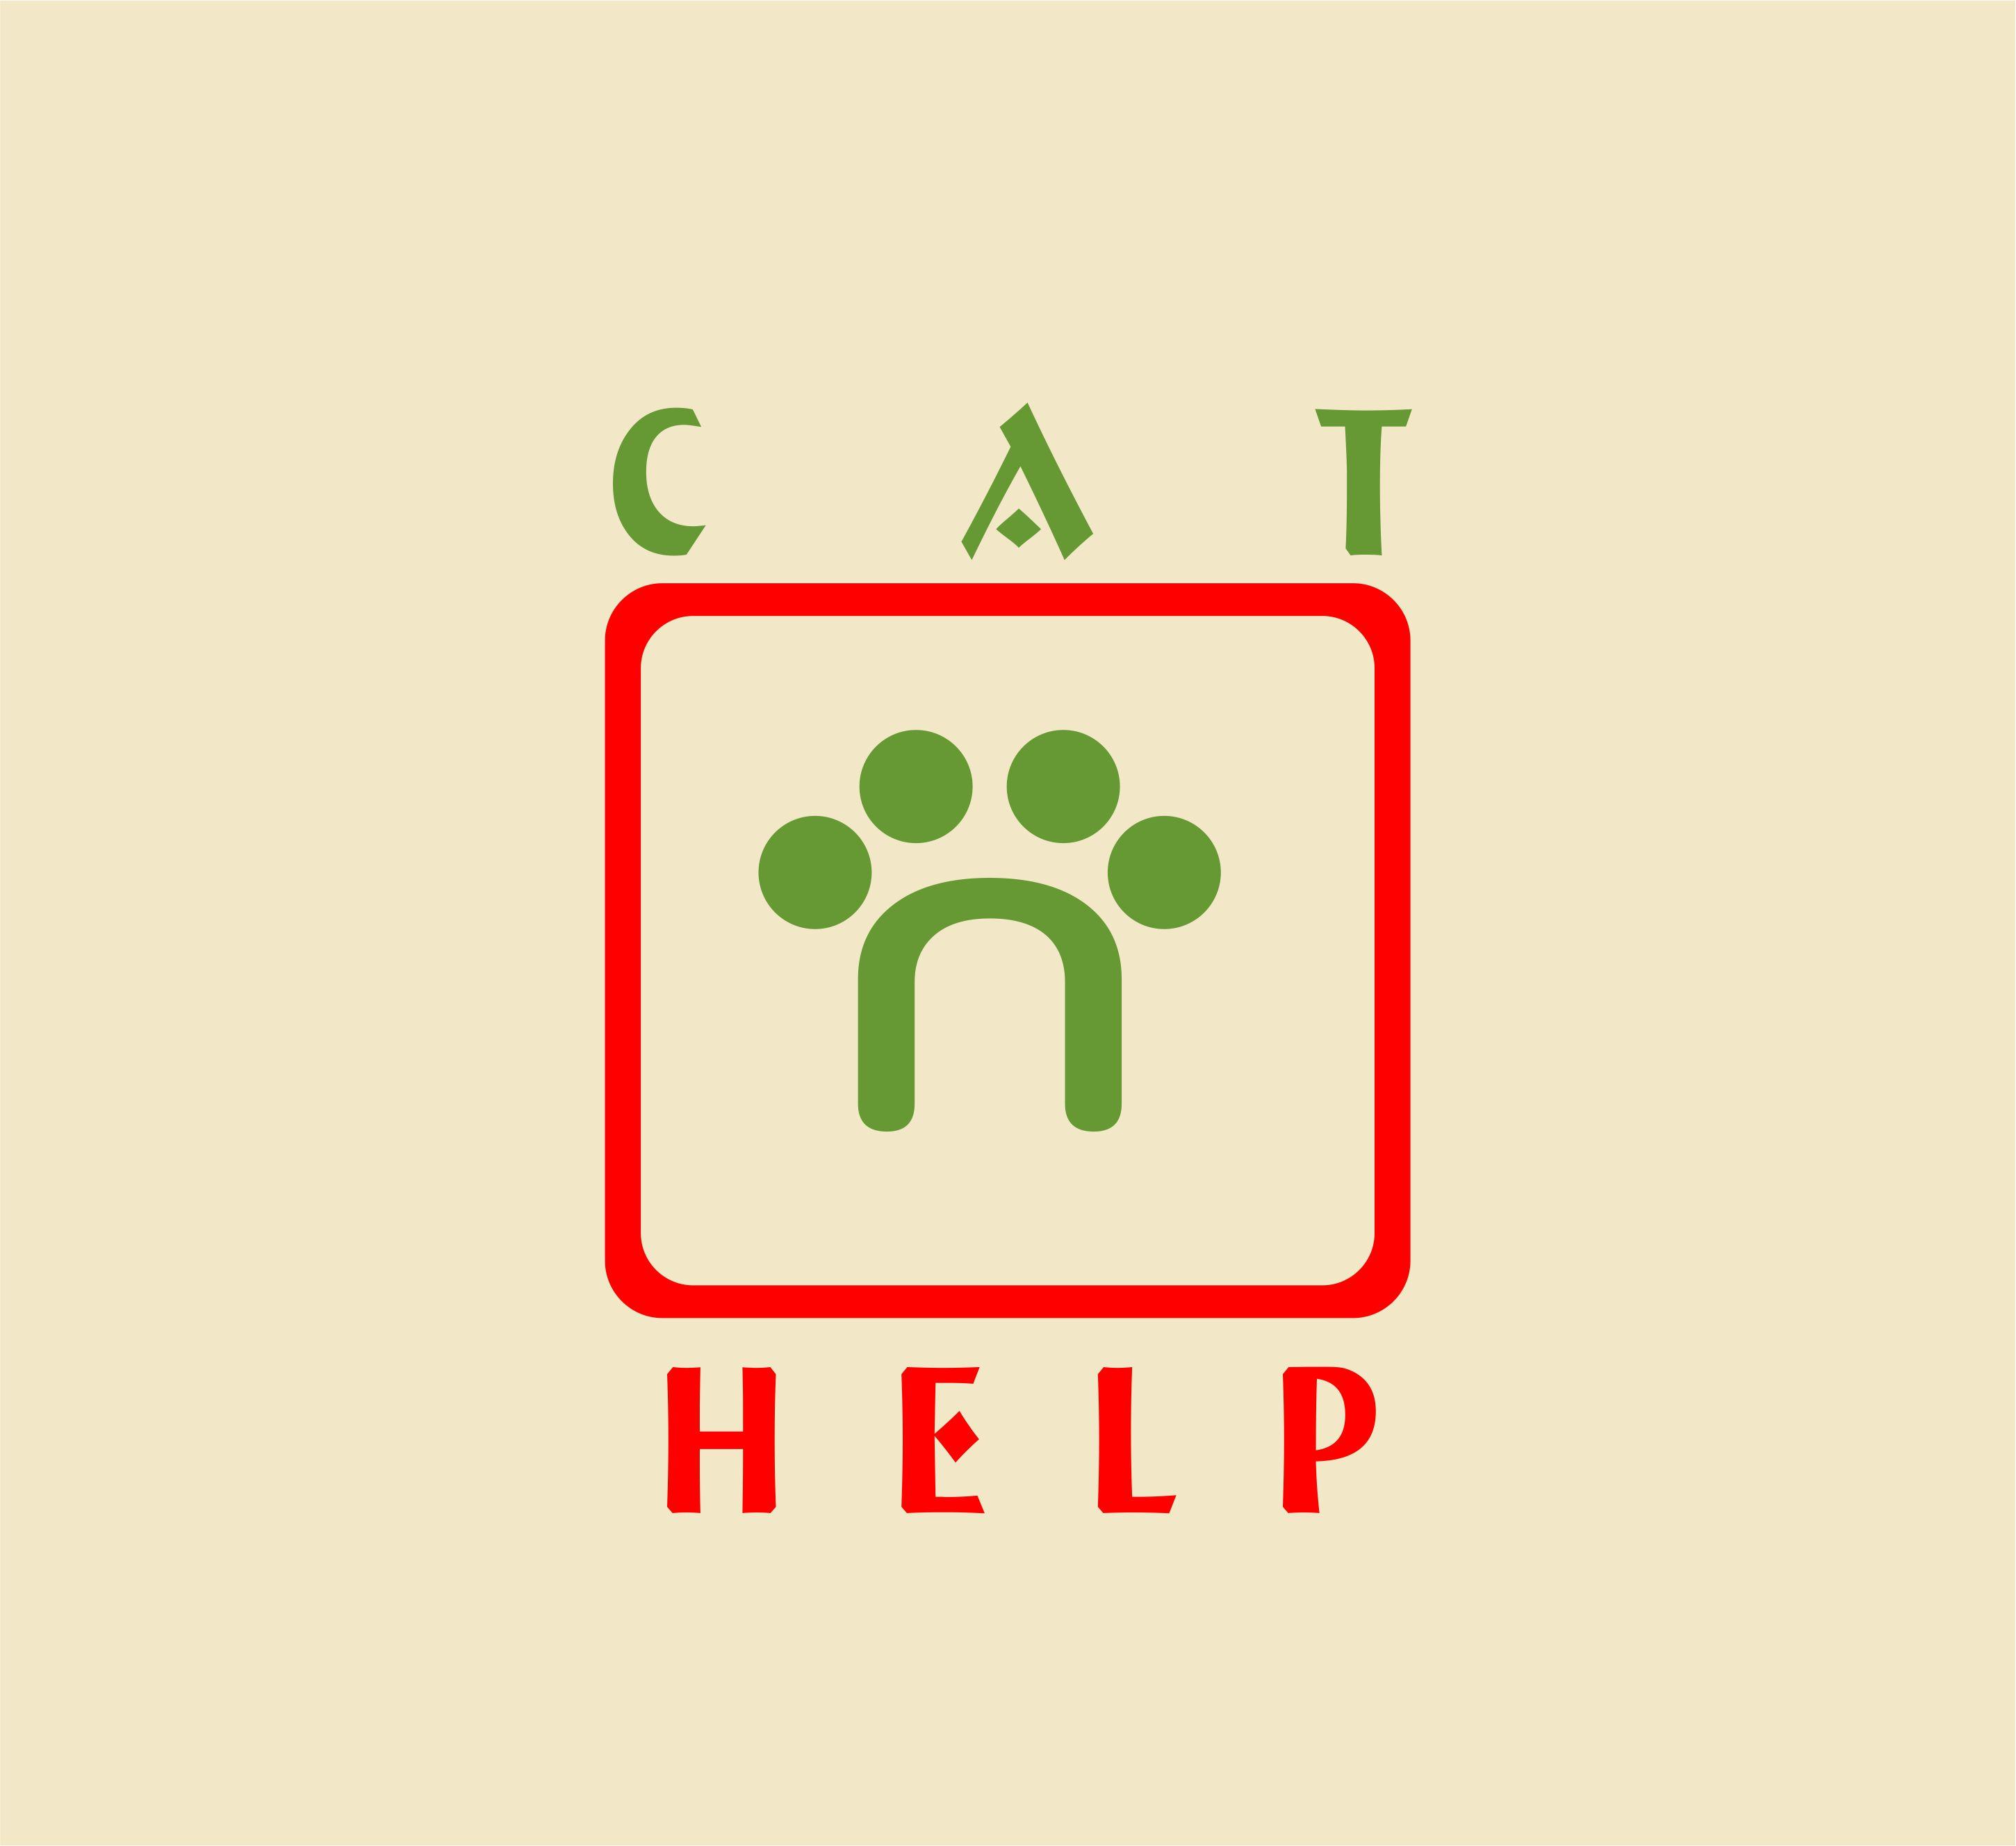 логотип для сайта и группы вк - cat.help фото f_31559d9cfc473ad9.jpg